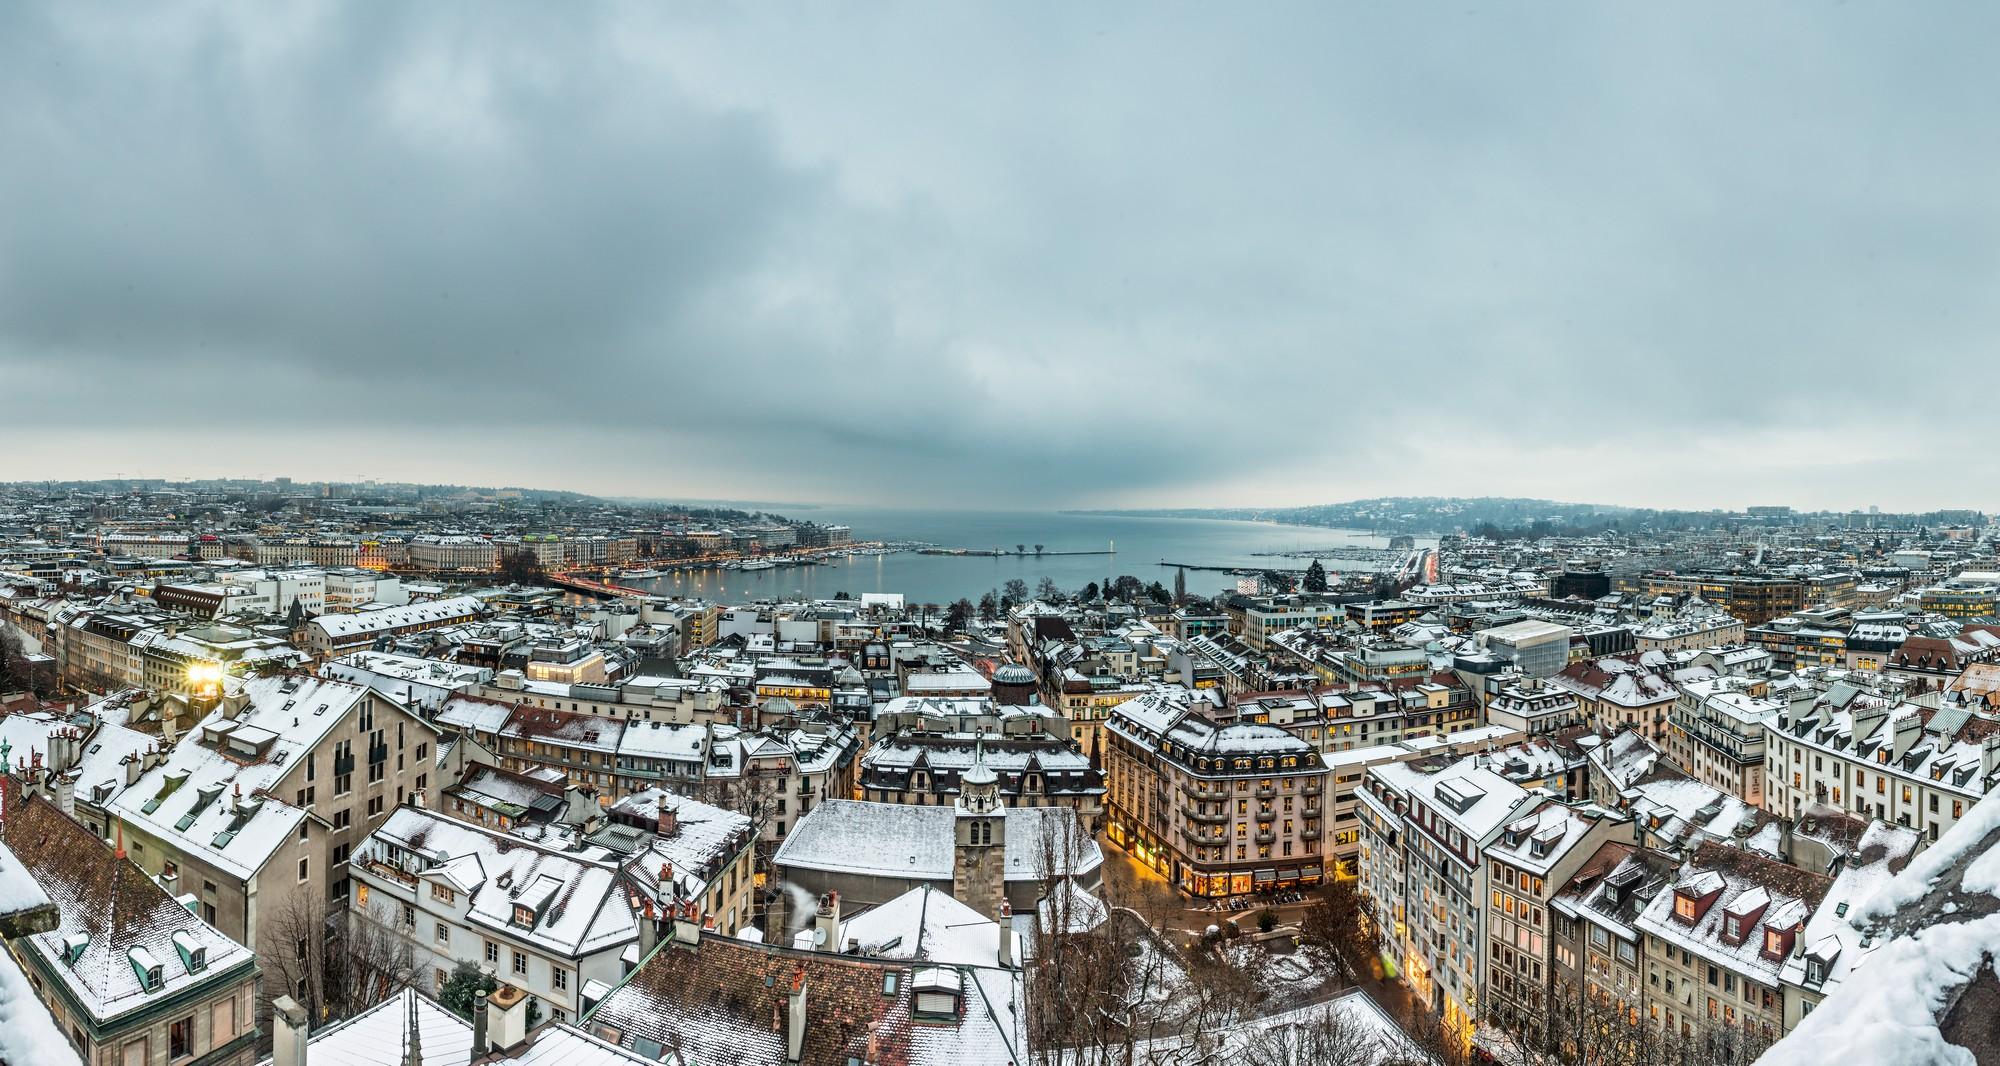 Ginevra in inverno - Foto ©Switzerland Tourism - swiss-image.ch/Jan Geerk